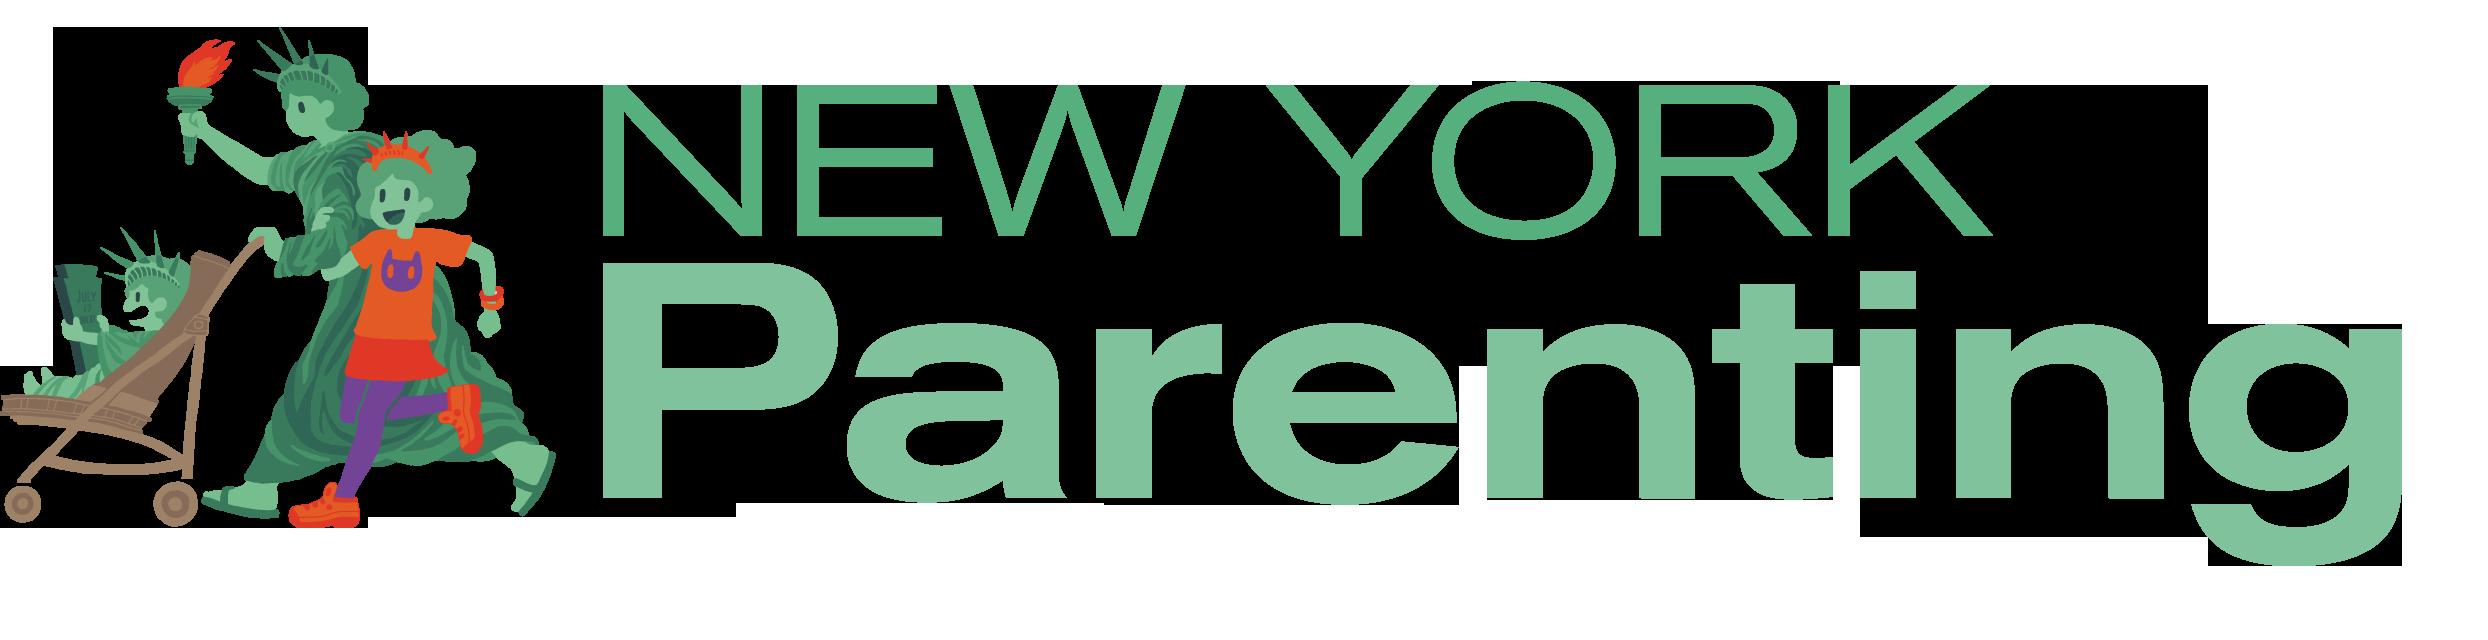 NY Parenting logo